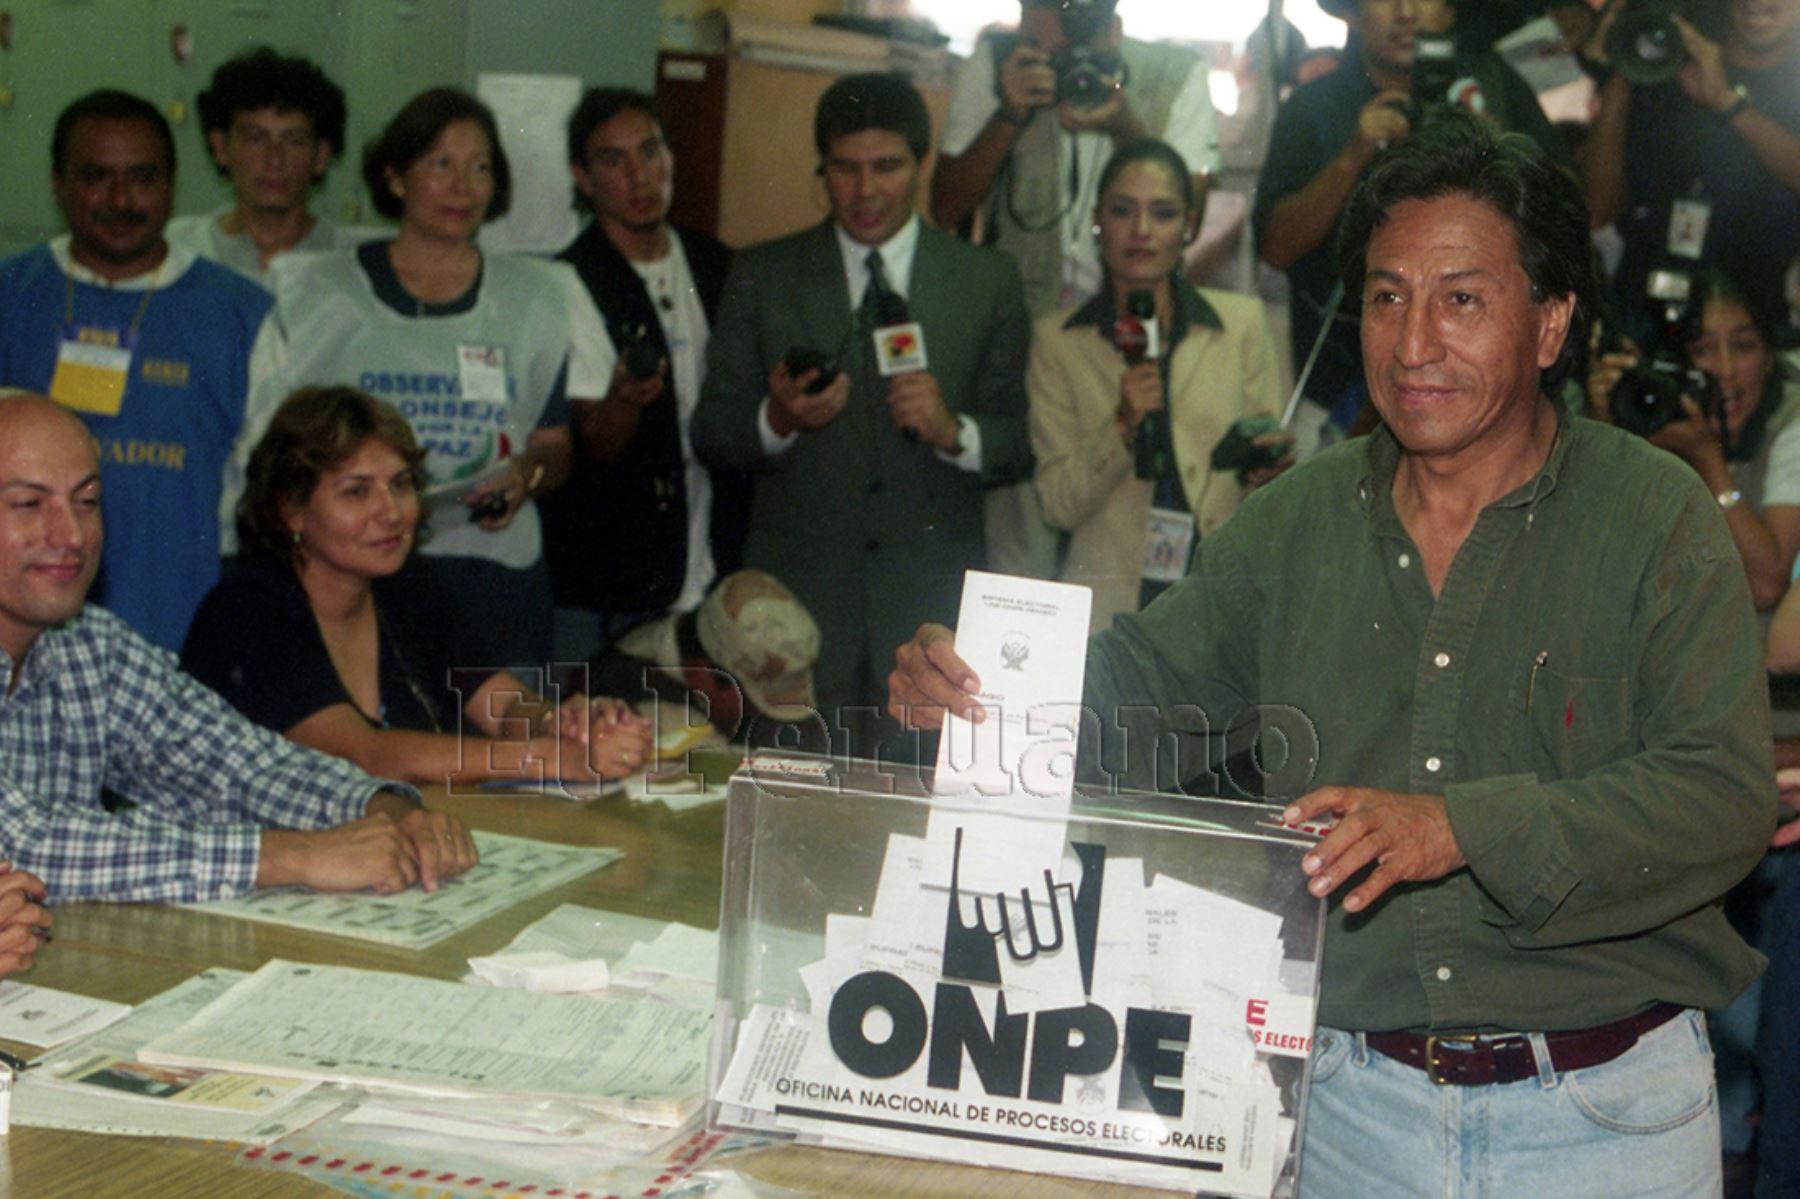 Lima - 9 abril 2000 / Alejandro Toledo, candidato presidencial por Perú Posible, emite su voto en las elecciones generales.  Foto: Archivo Histórico de EL PERUANO